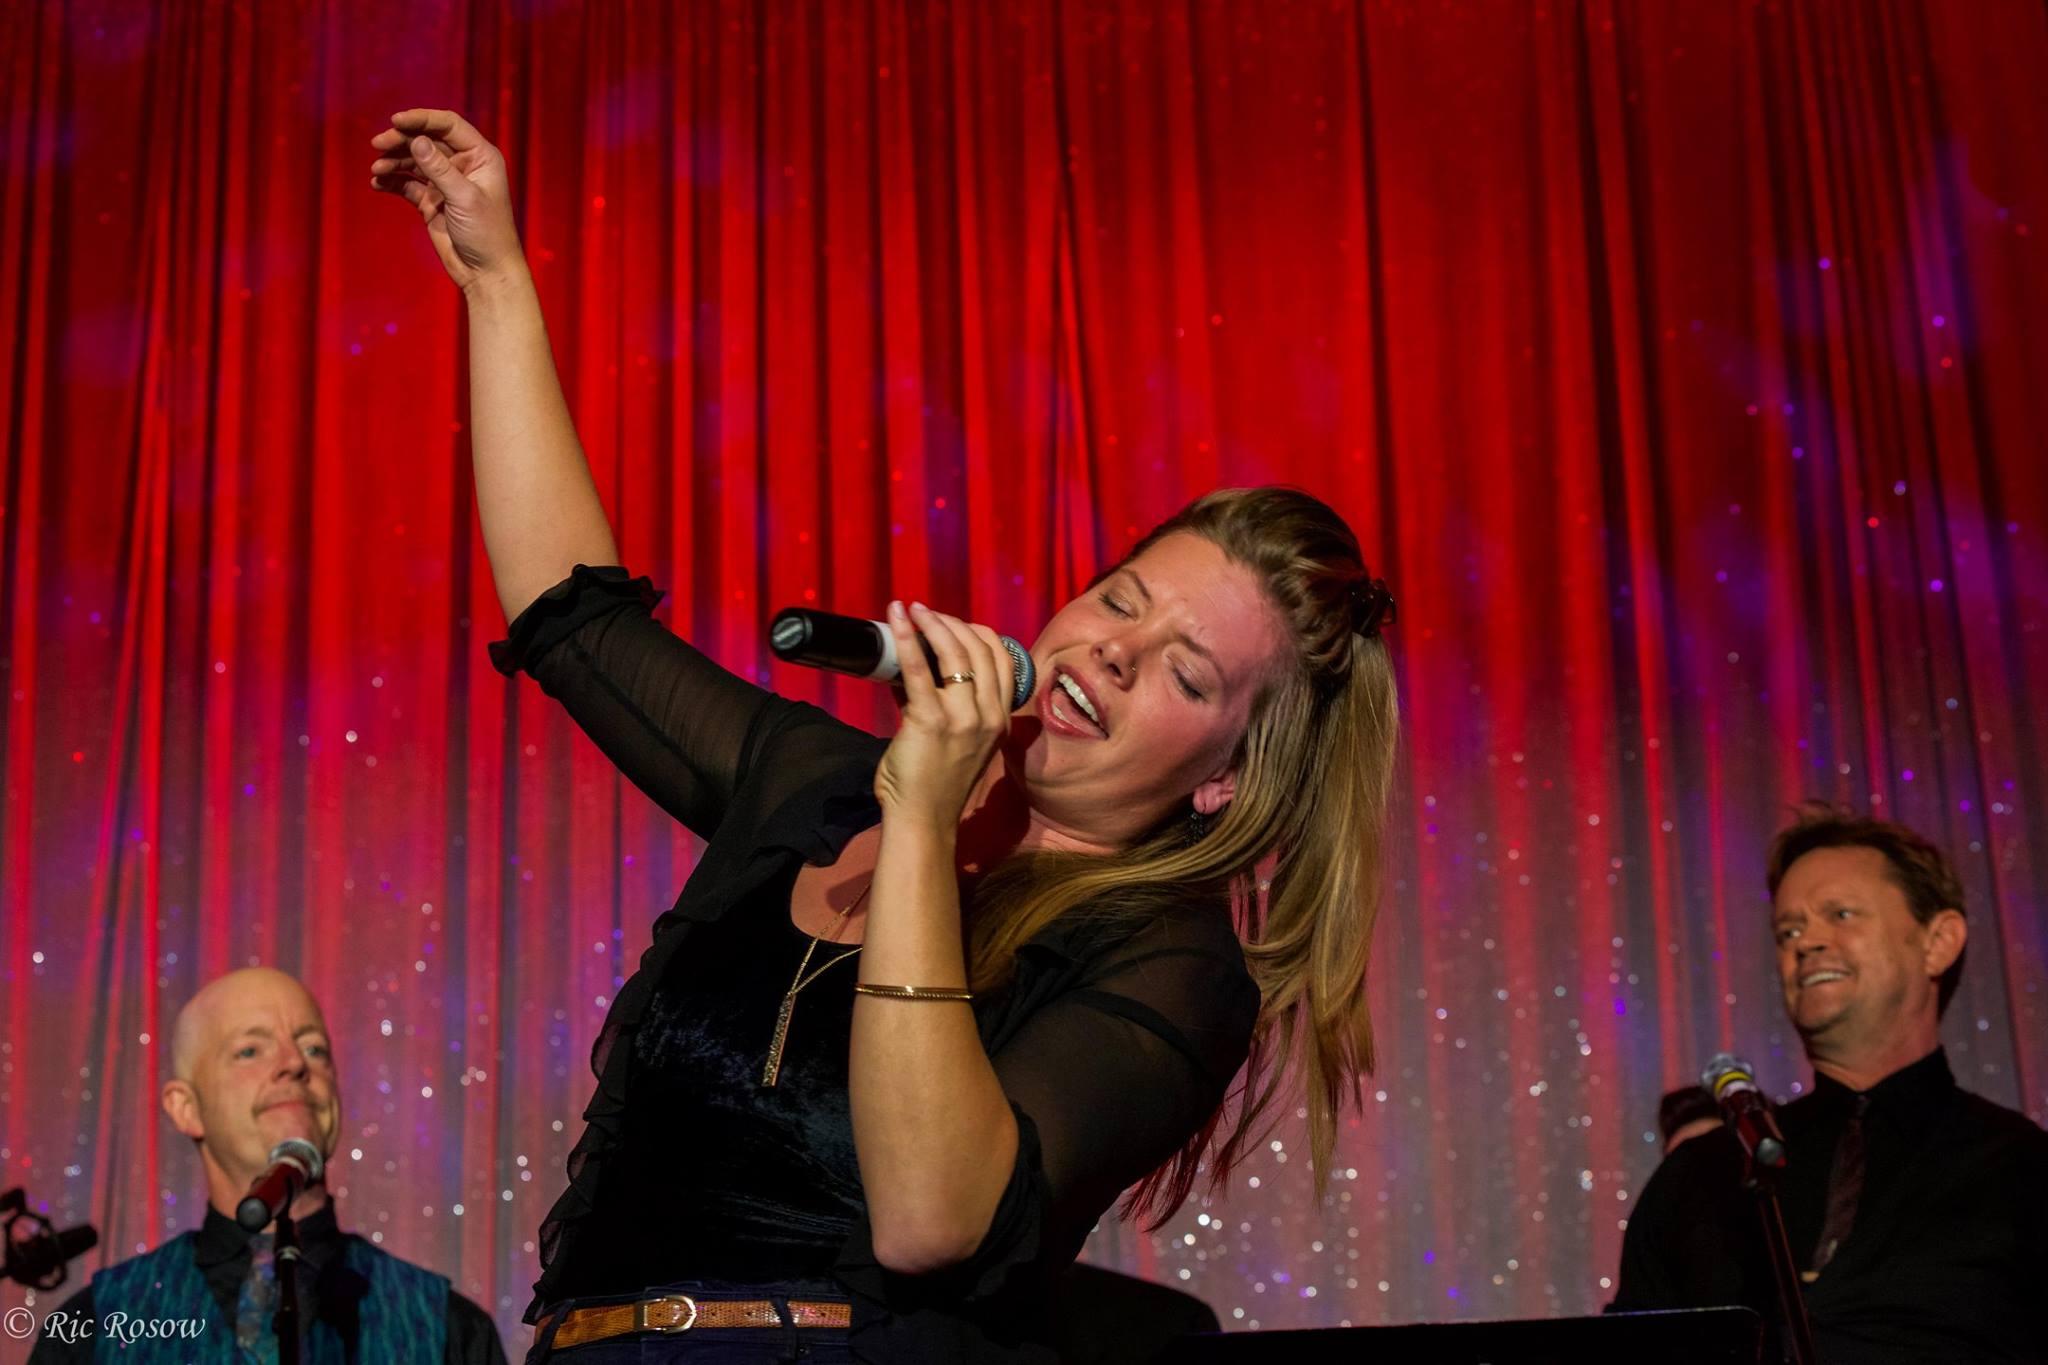 Vocalist Christina Pawlowski